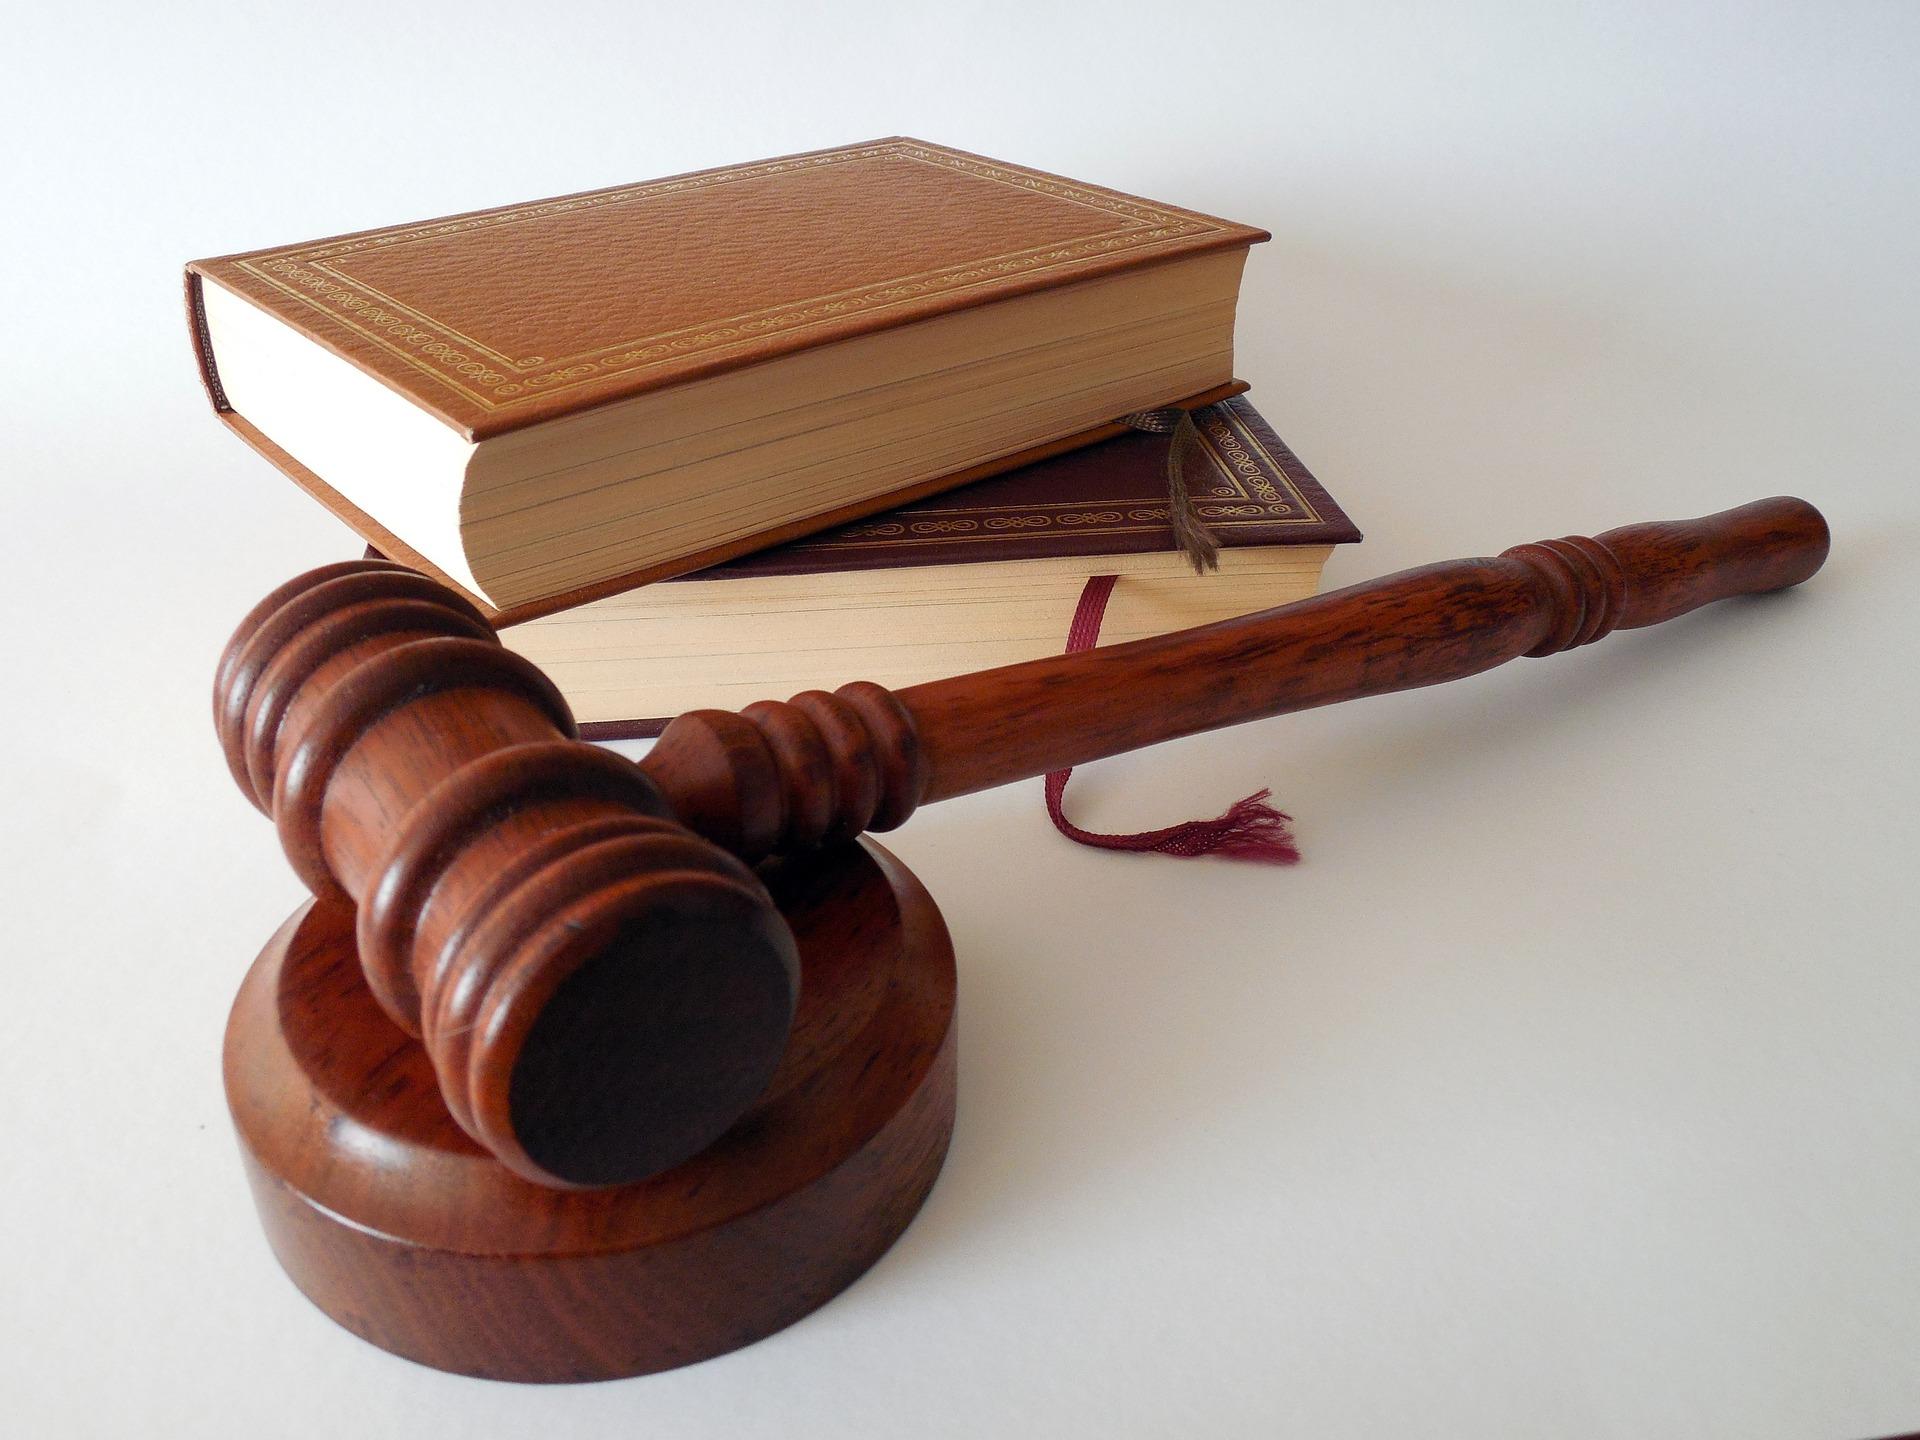 Pixabay/succo: Novela zákona o veřejných zakázkách zásadně komplikuje situaci ve výzkumu a vývoji